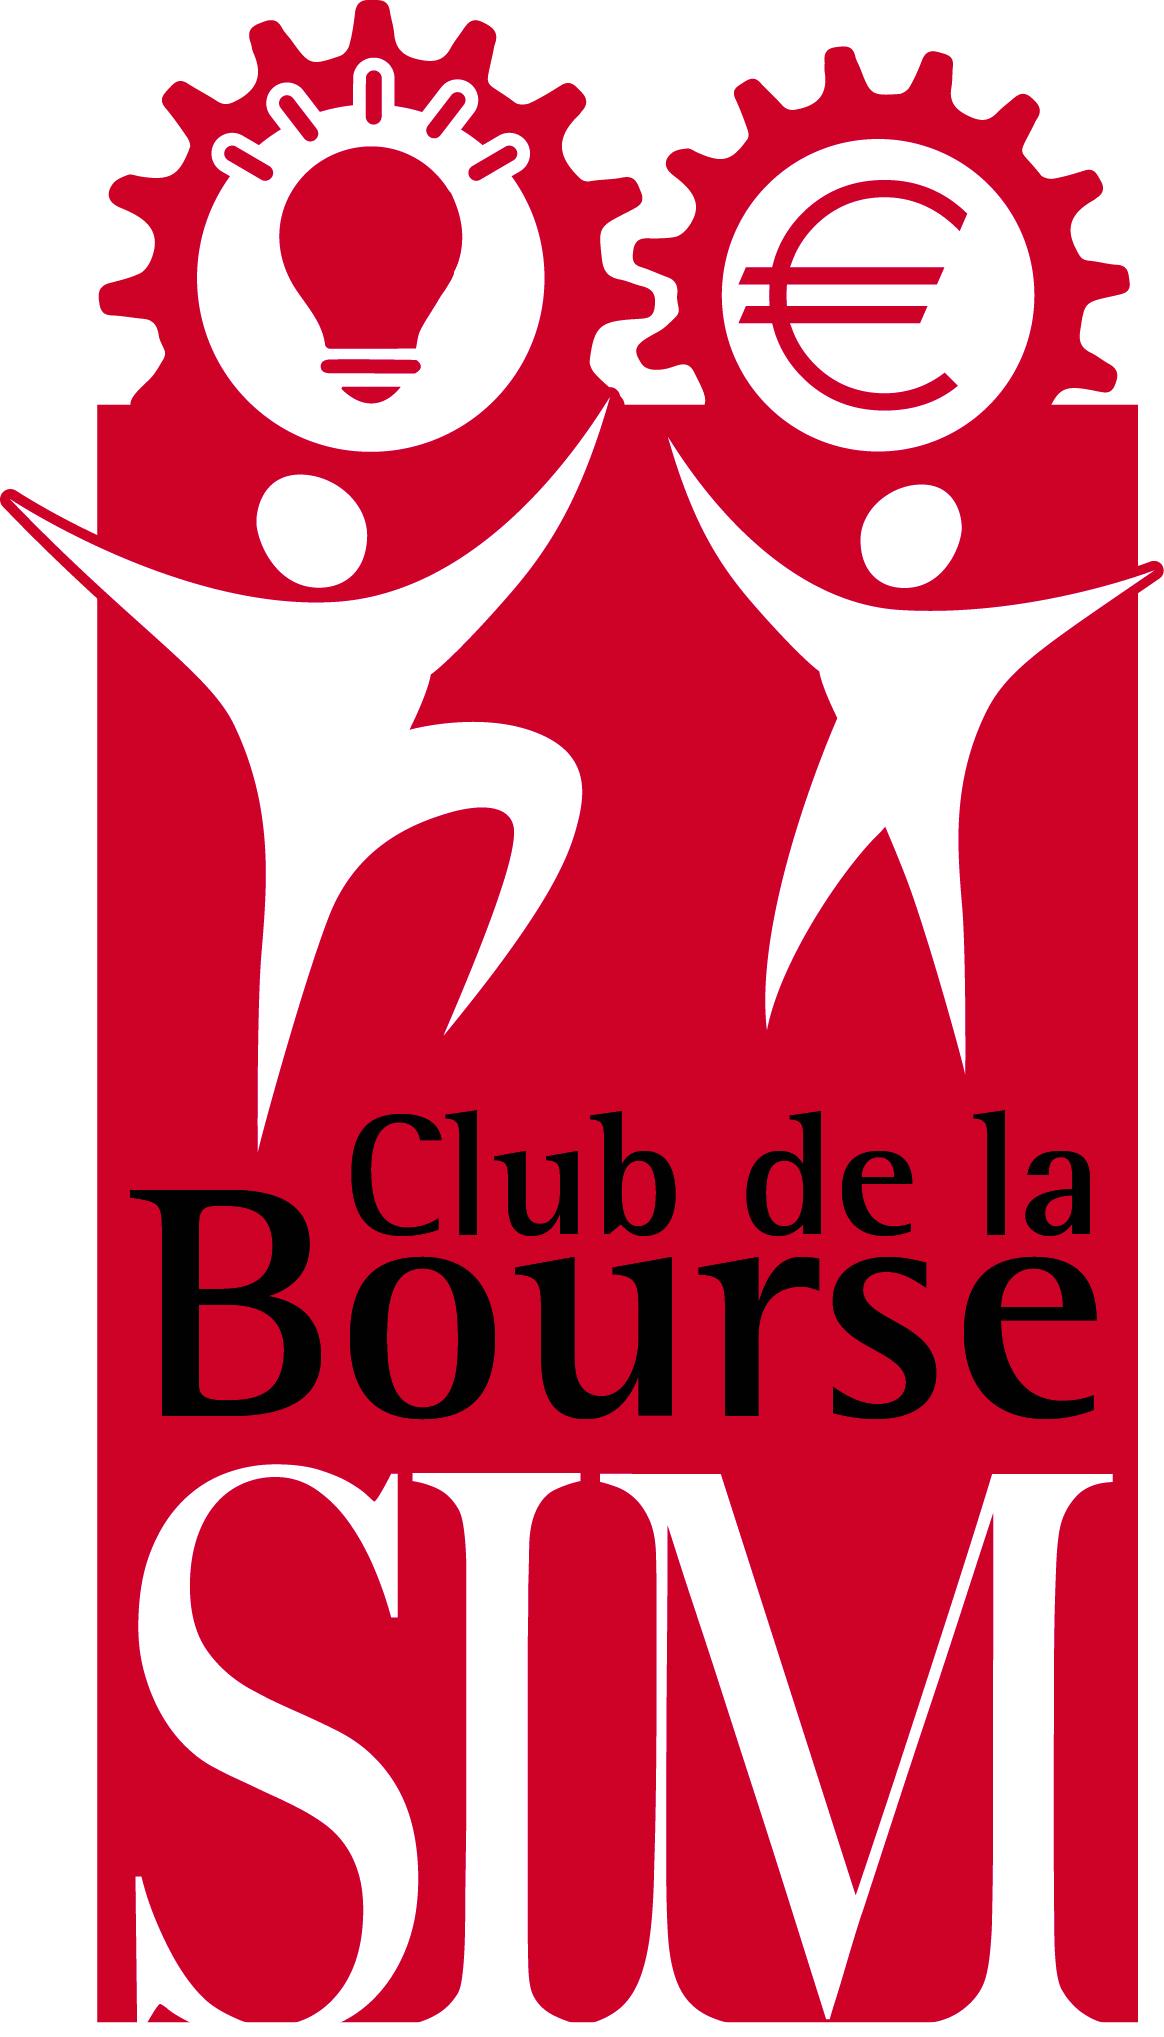 logo-club-de-la-bourse